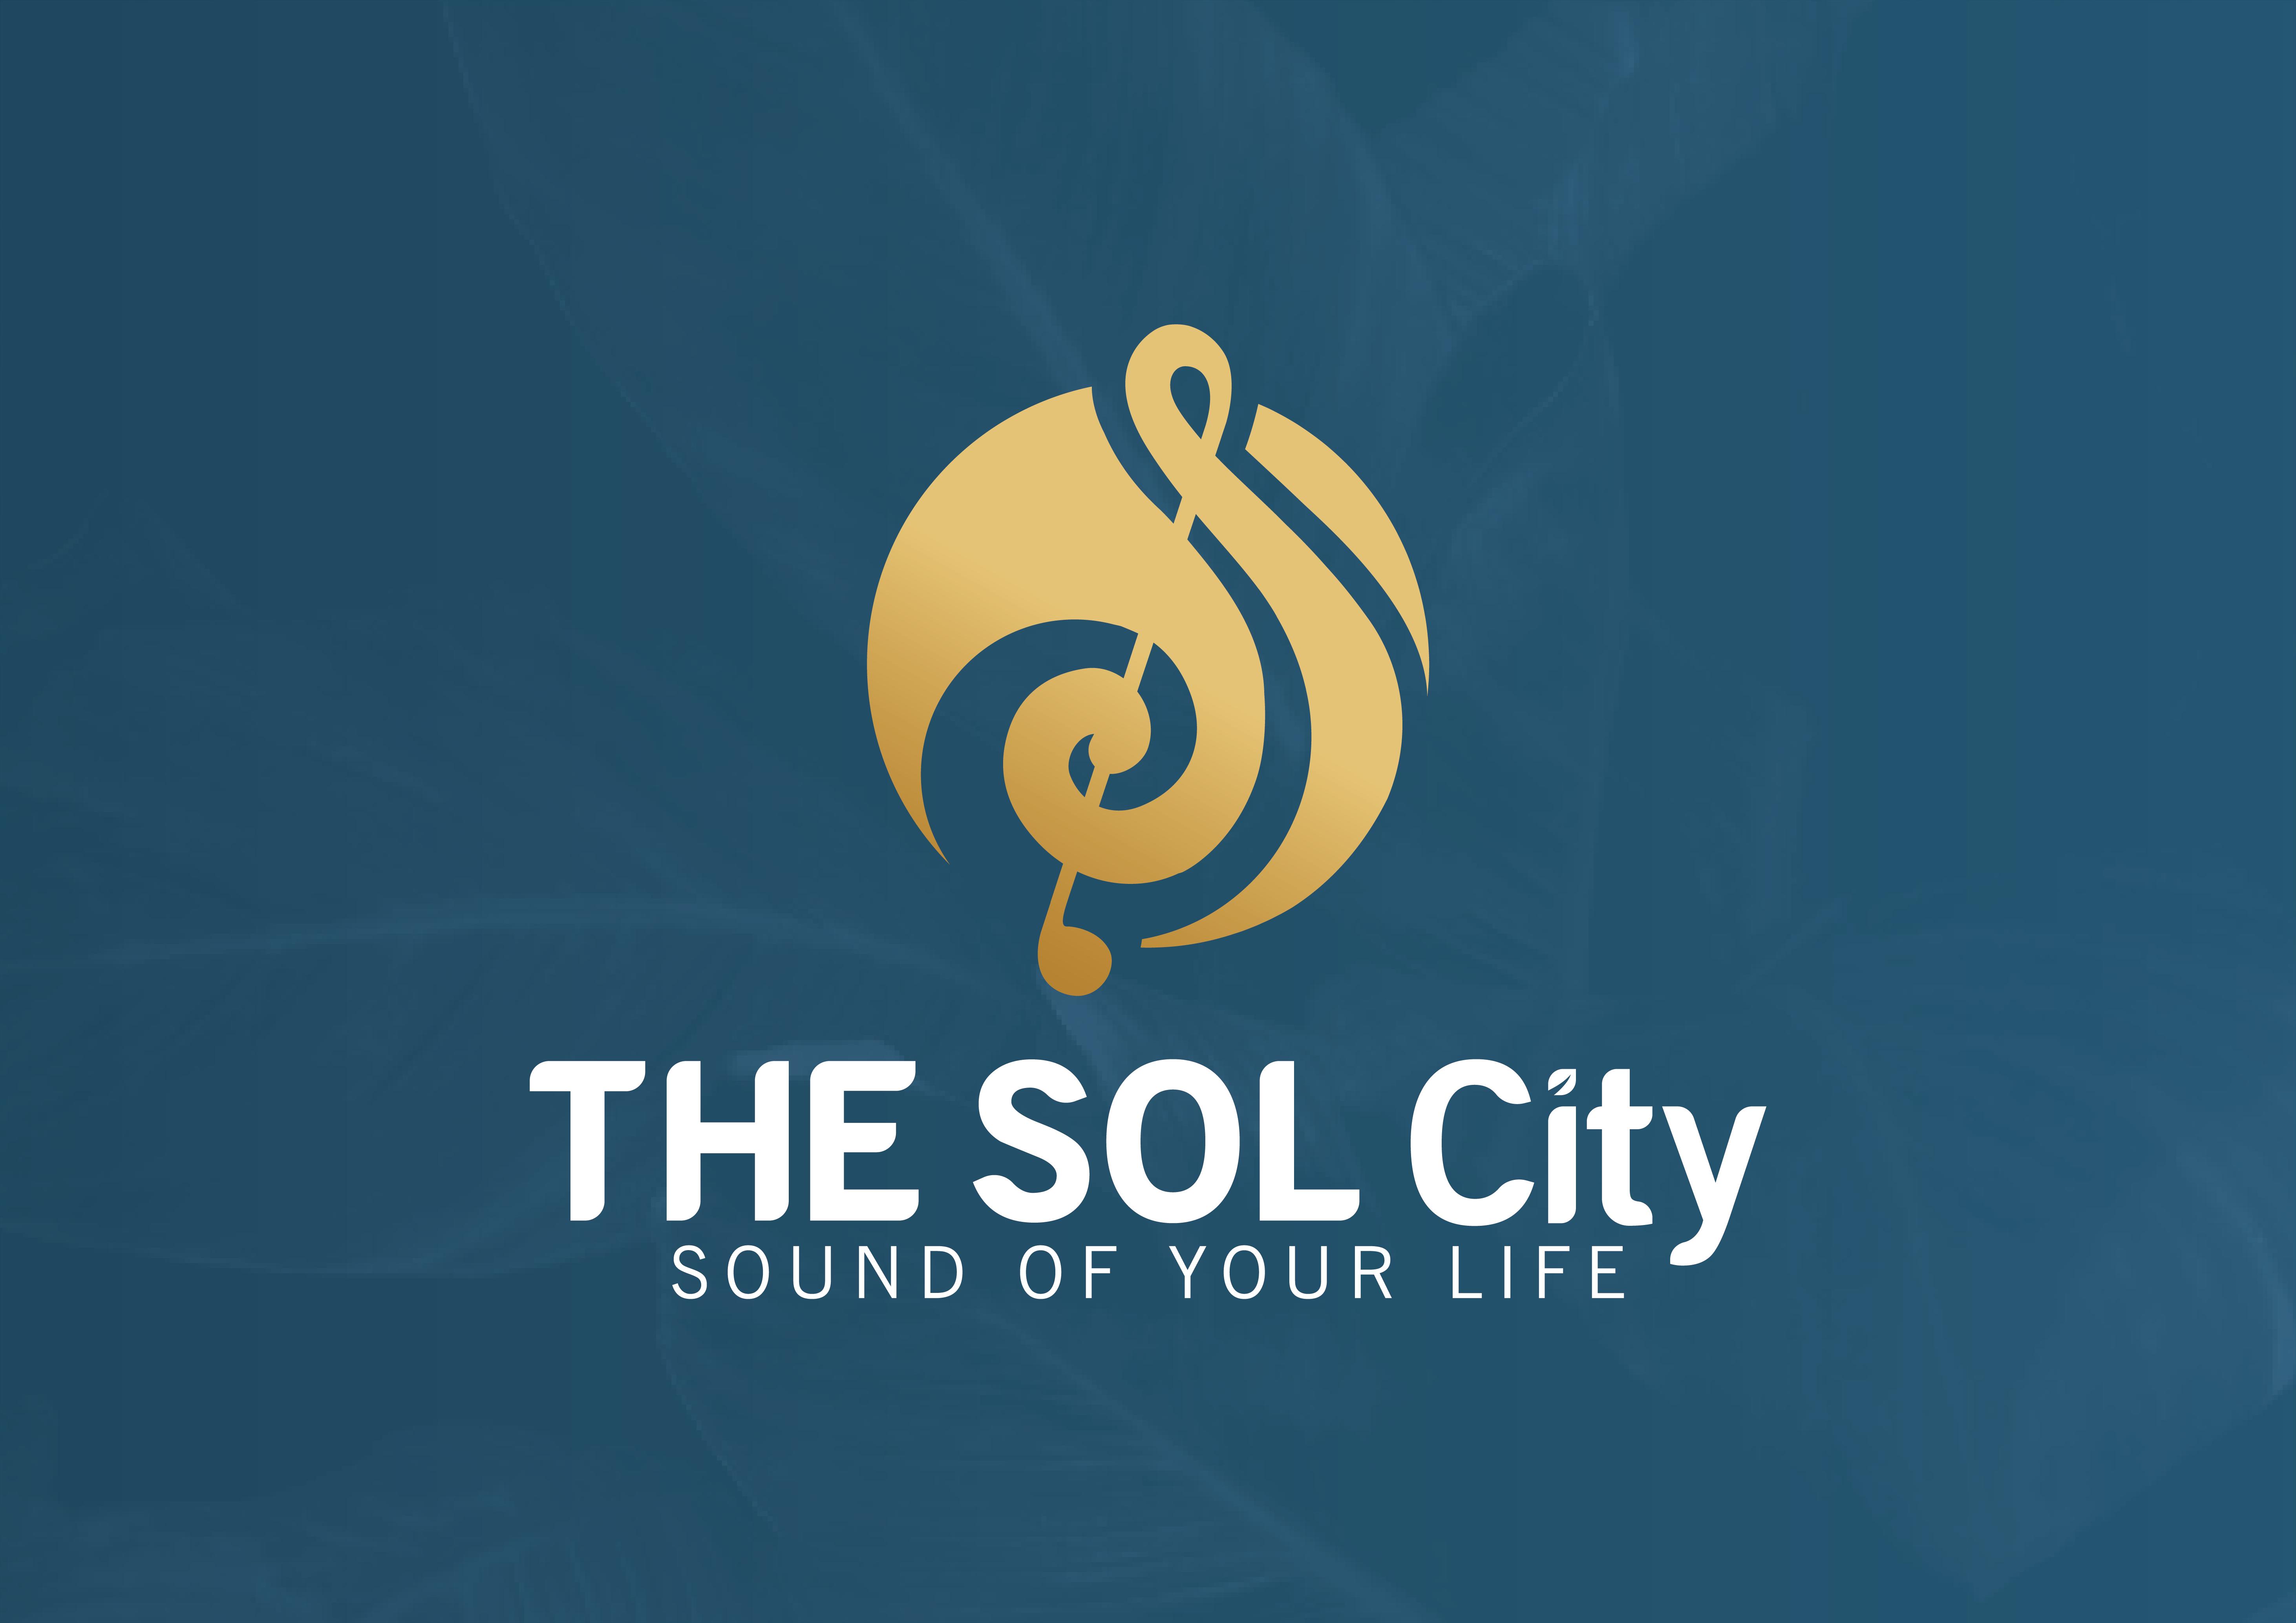 LOGO THE SOL CITY 9 - Địa Ốc Thắng Lợi - Thắng Lợi Group